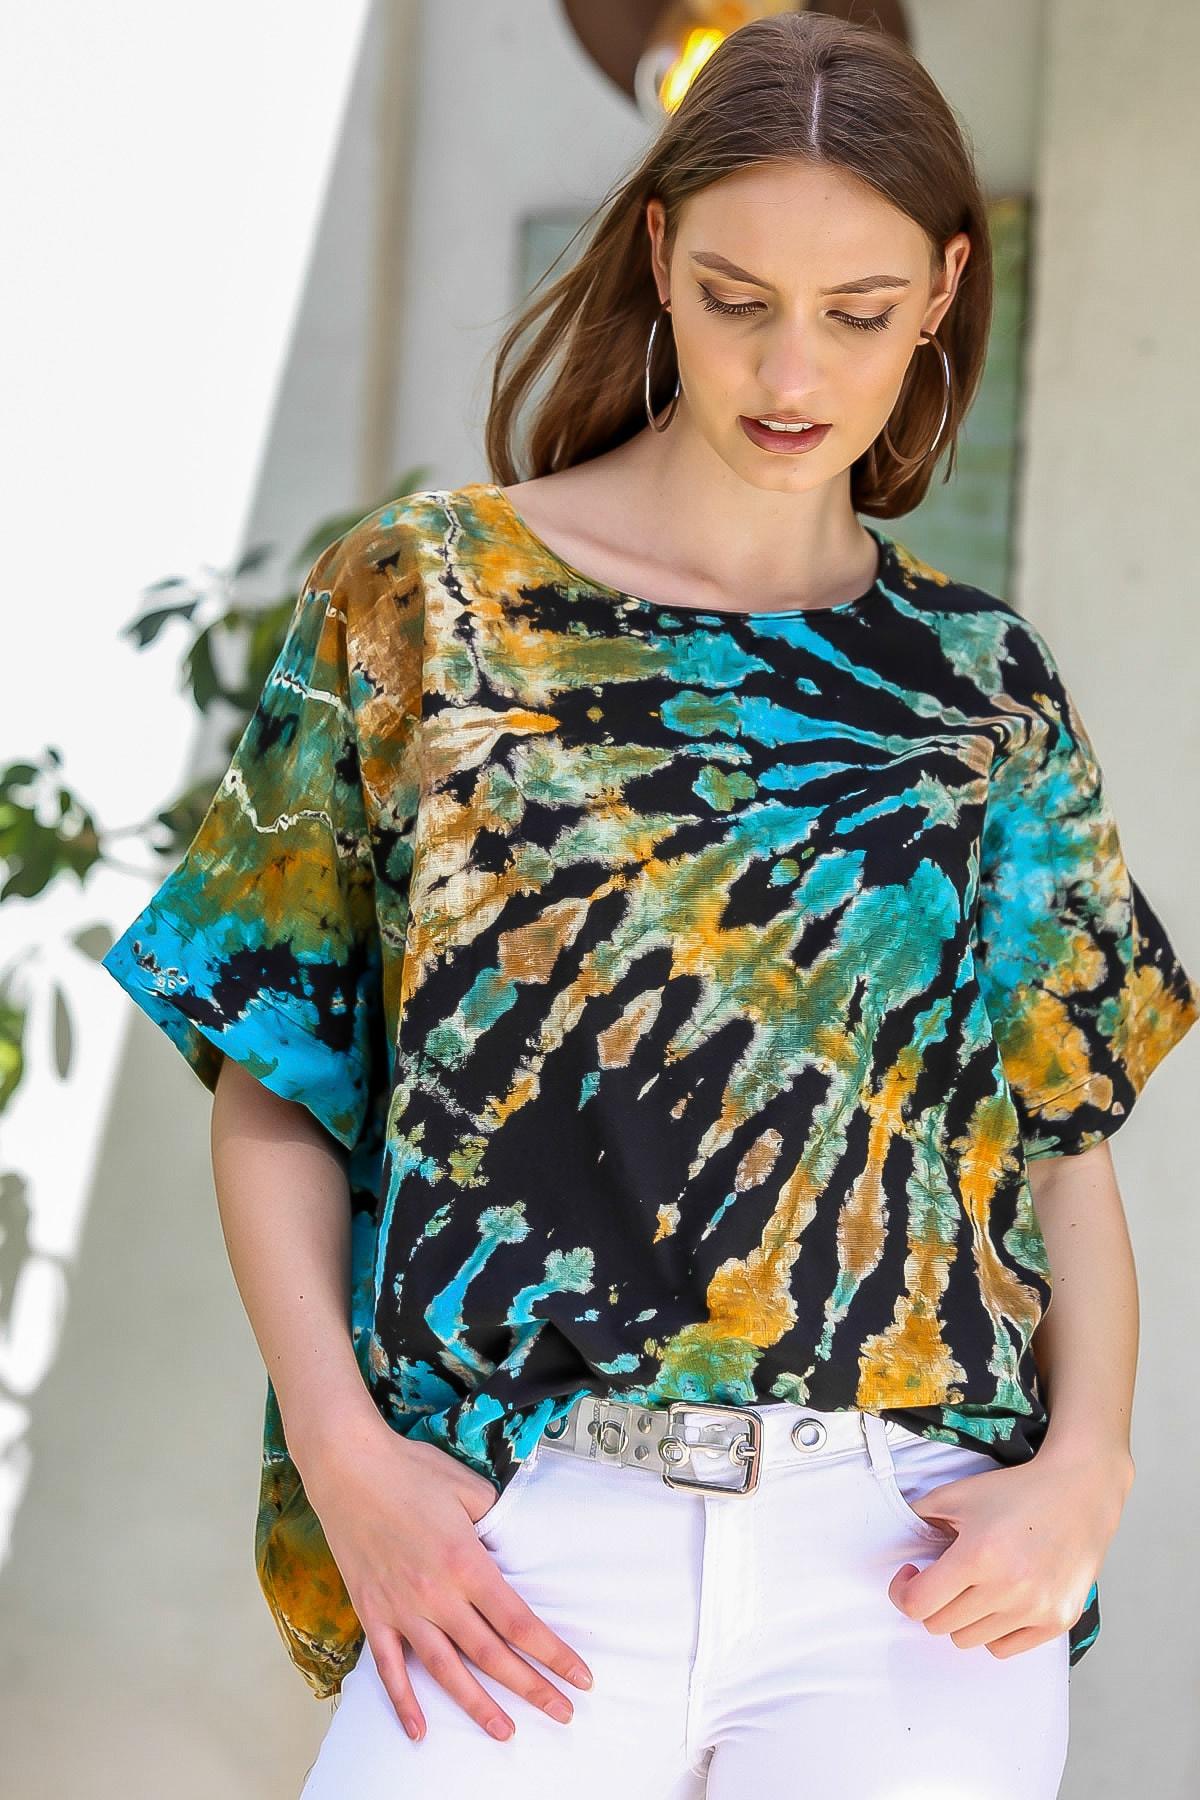 Chiccy Kadın Siyah-Mavi Sıfır Yaka Batik Desenli Dokuma Salaş Bluz M10010200BL95416 0